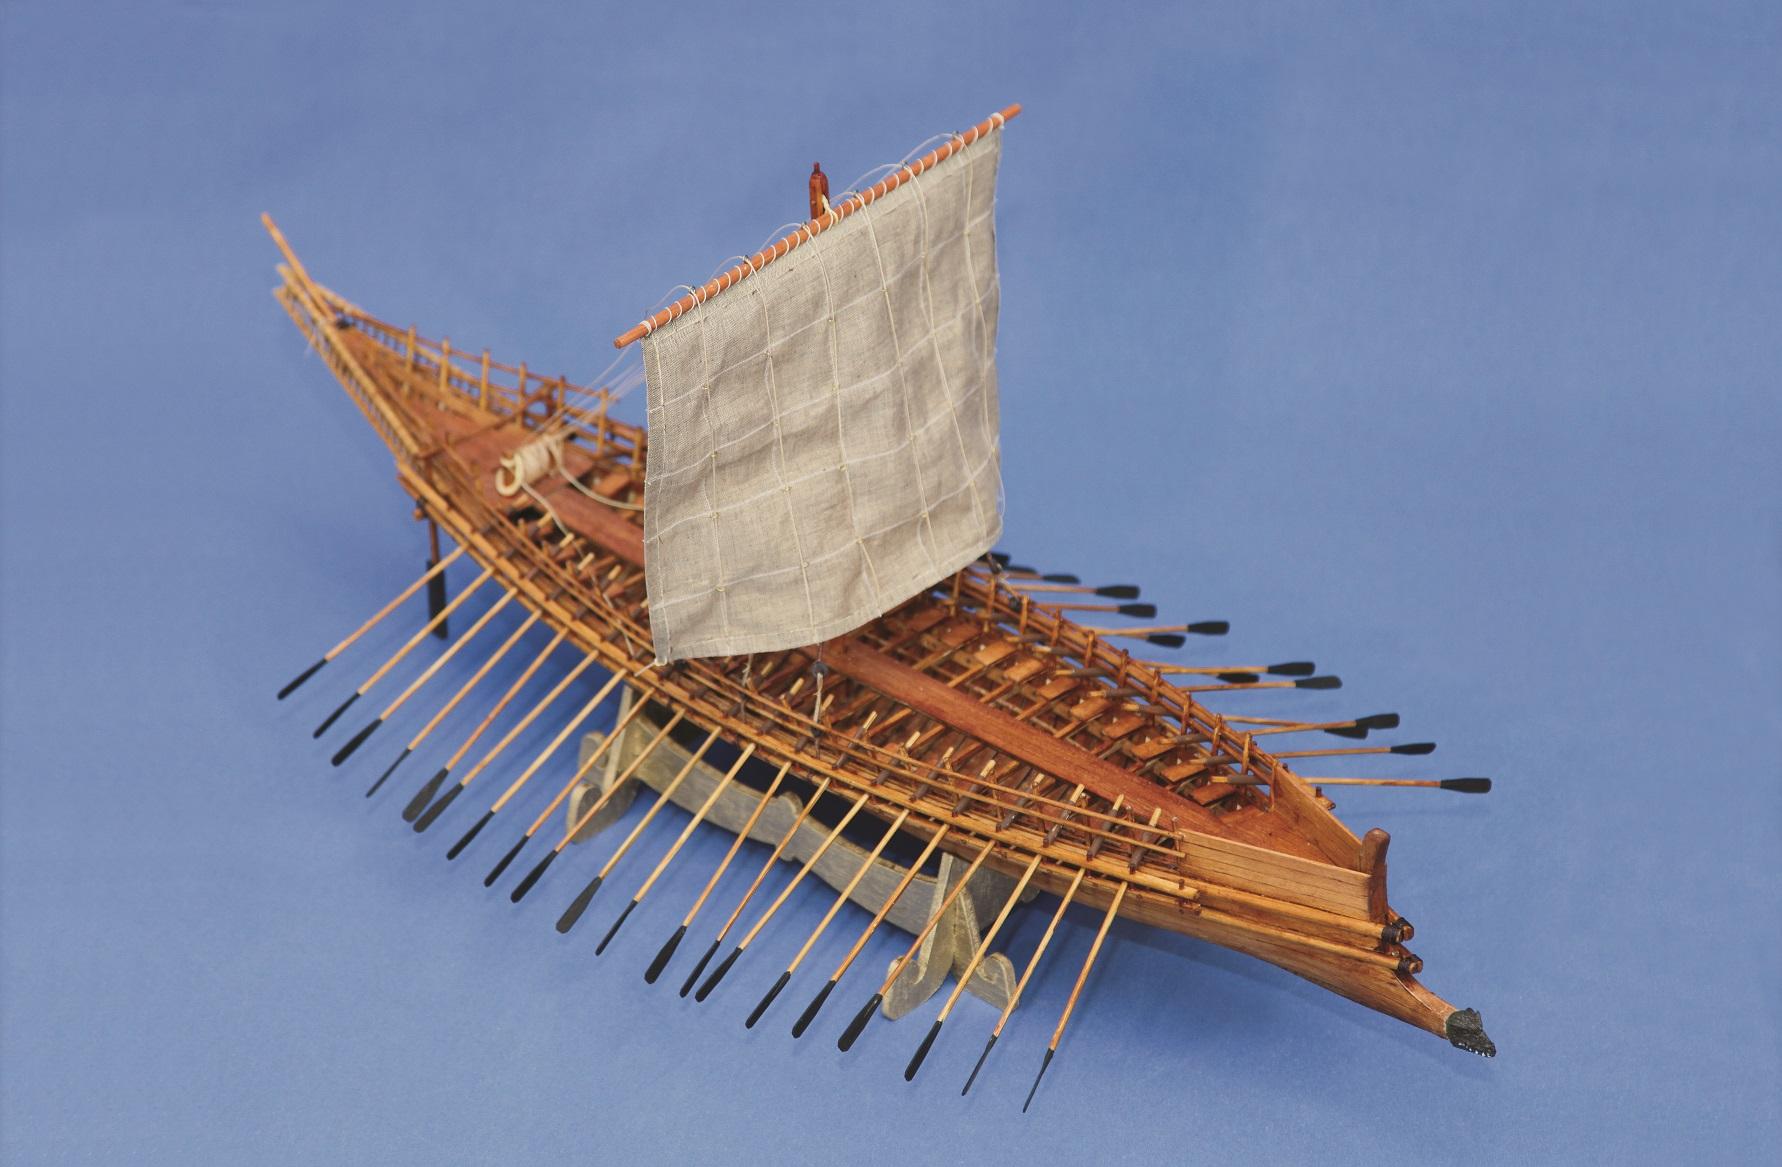 Αργώ: σύμφωνα με το μύθο, ένα τέτοιου τύπου μακρύ πλοίο μετέφερε τον Ιάσωνα και τους συντρόφους του στη ριψοκίνδυνη εκστρατεία να βρουν το Χρυσόμαλλο Δέρας.